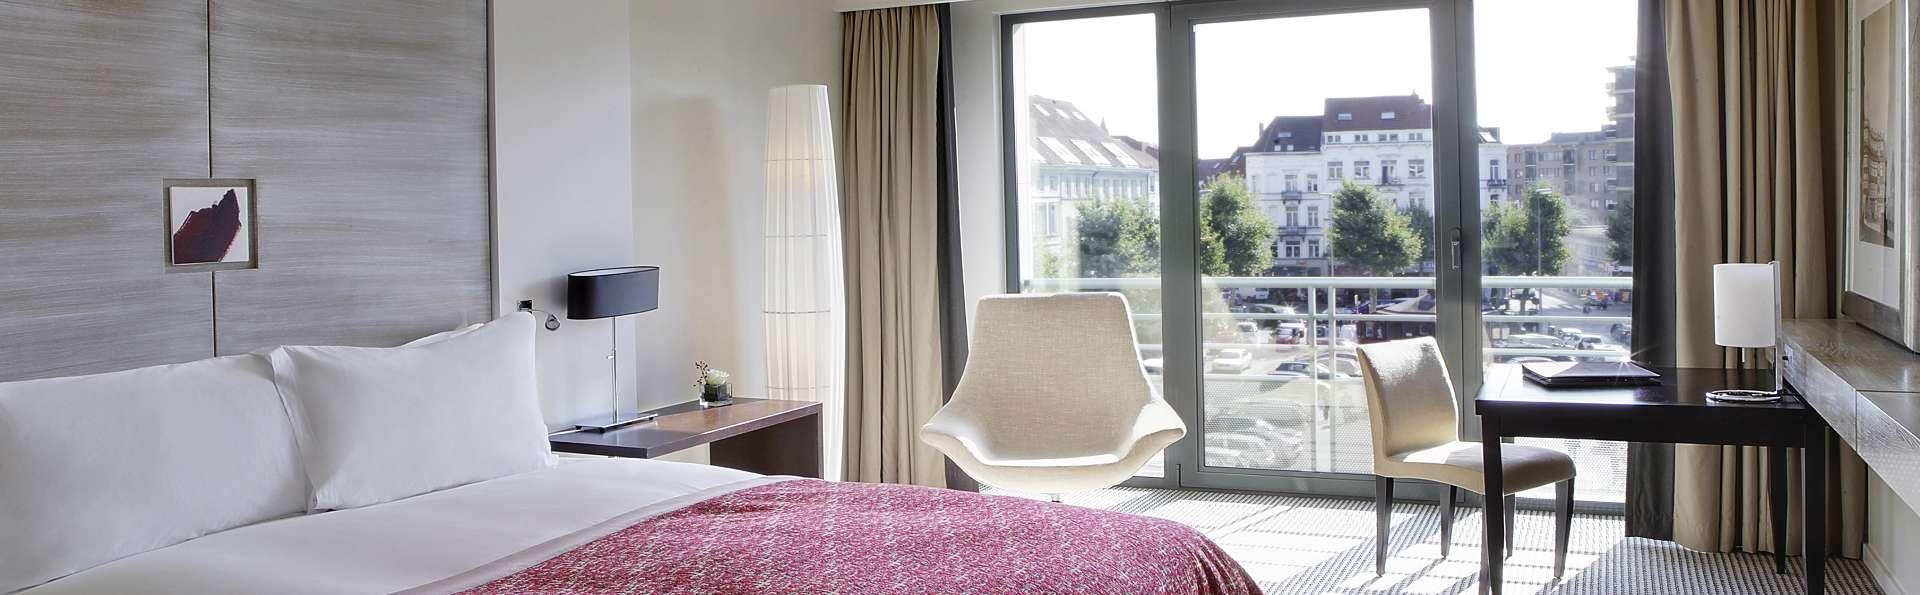 Geniet van een gratis upgrade Superior kamer tijdens je verblijf in Brussel